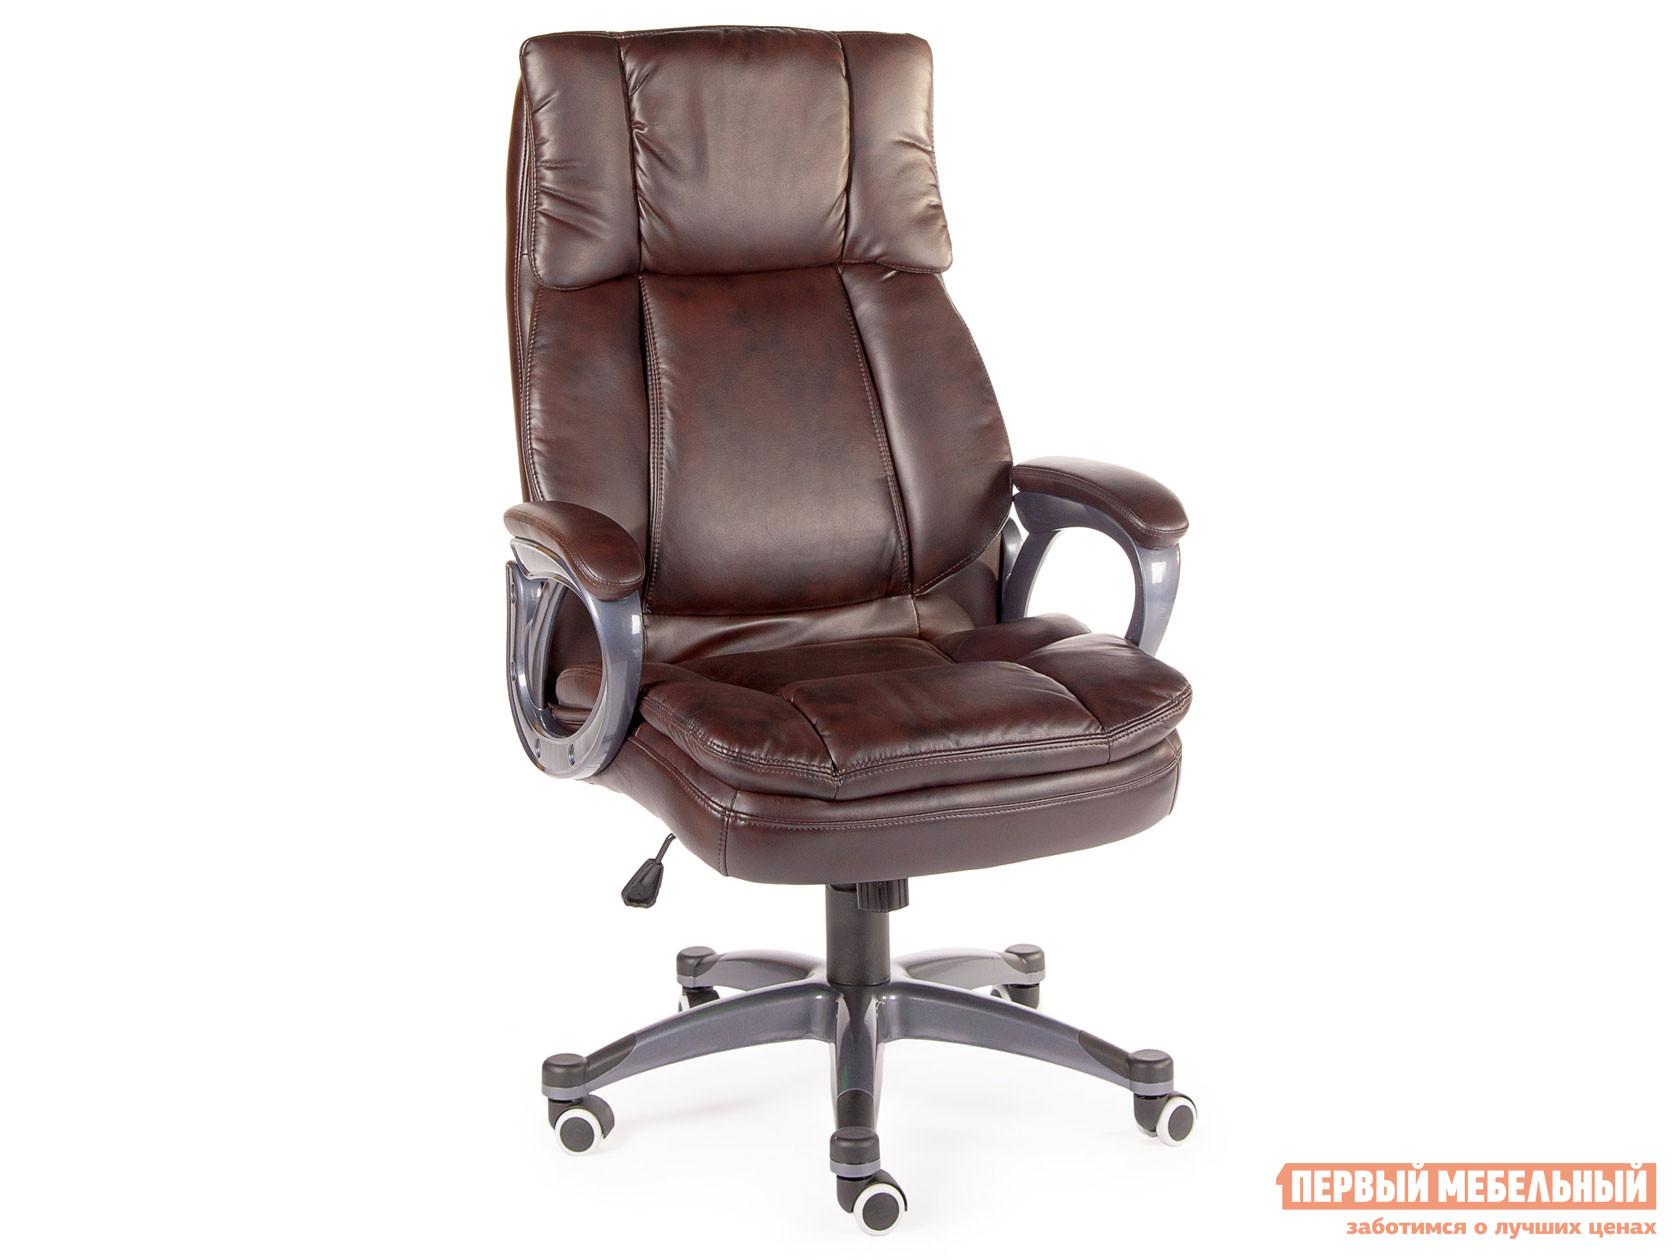 Кресло руководителя  Кресло Norden Мэдисон H-1182 Коричневый, экокожа